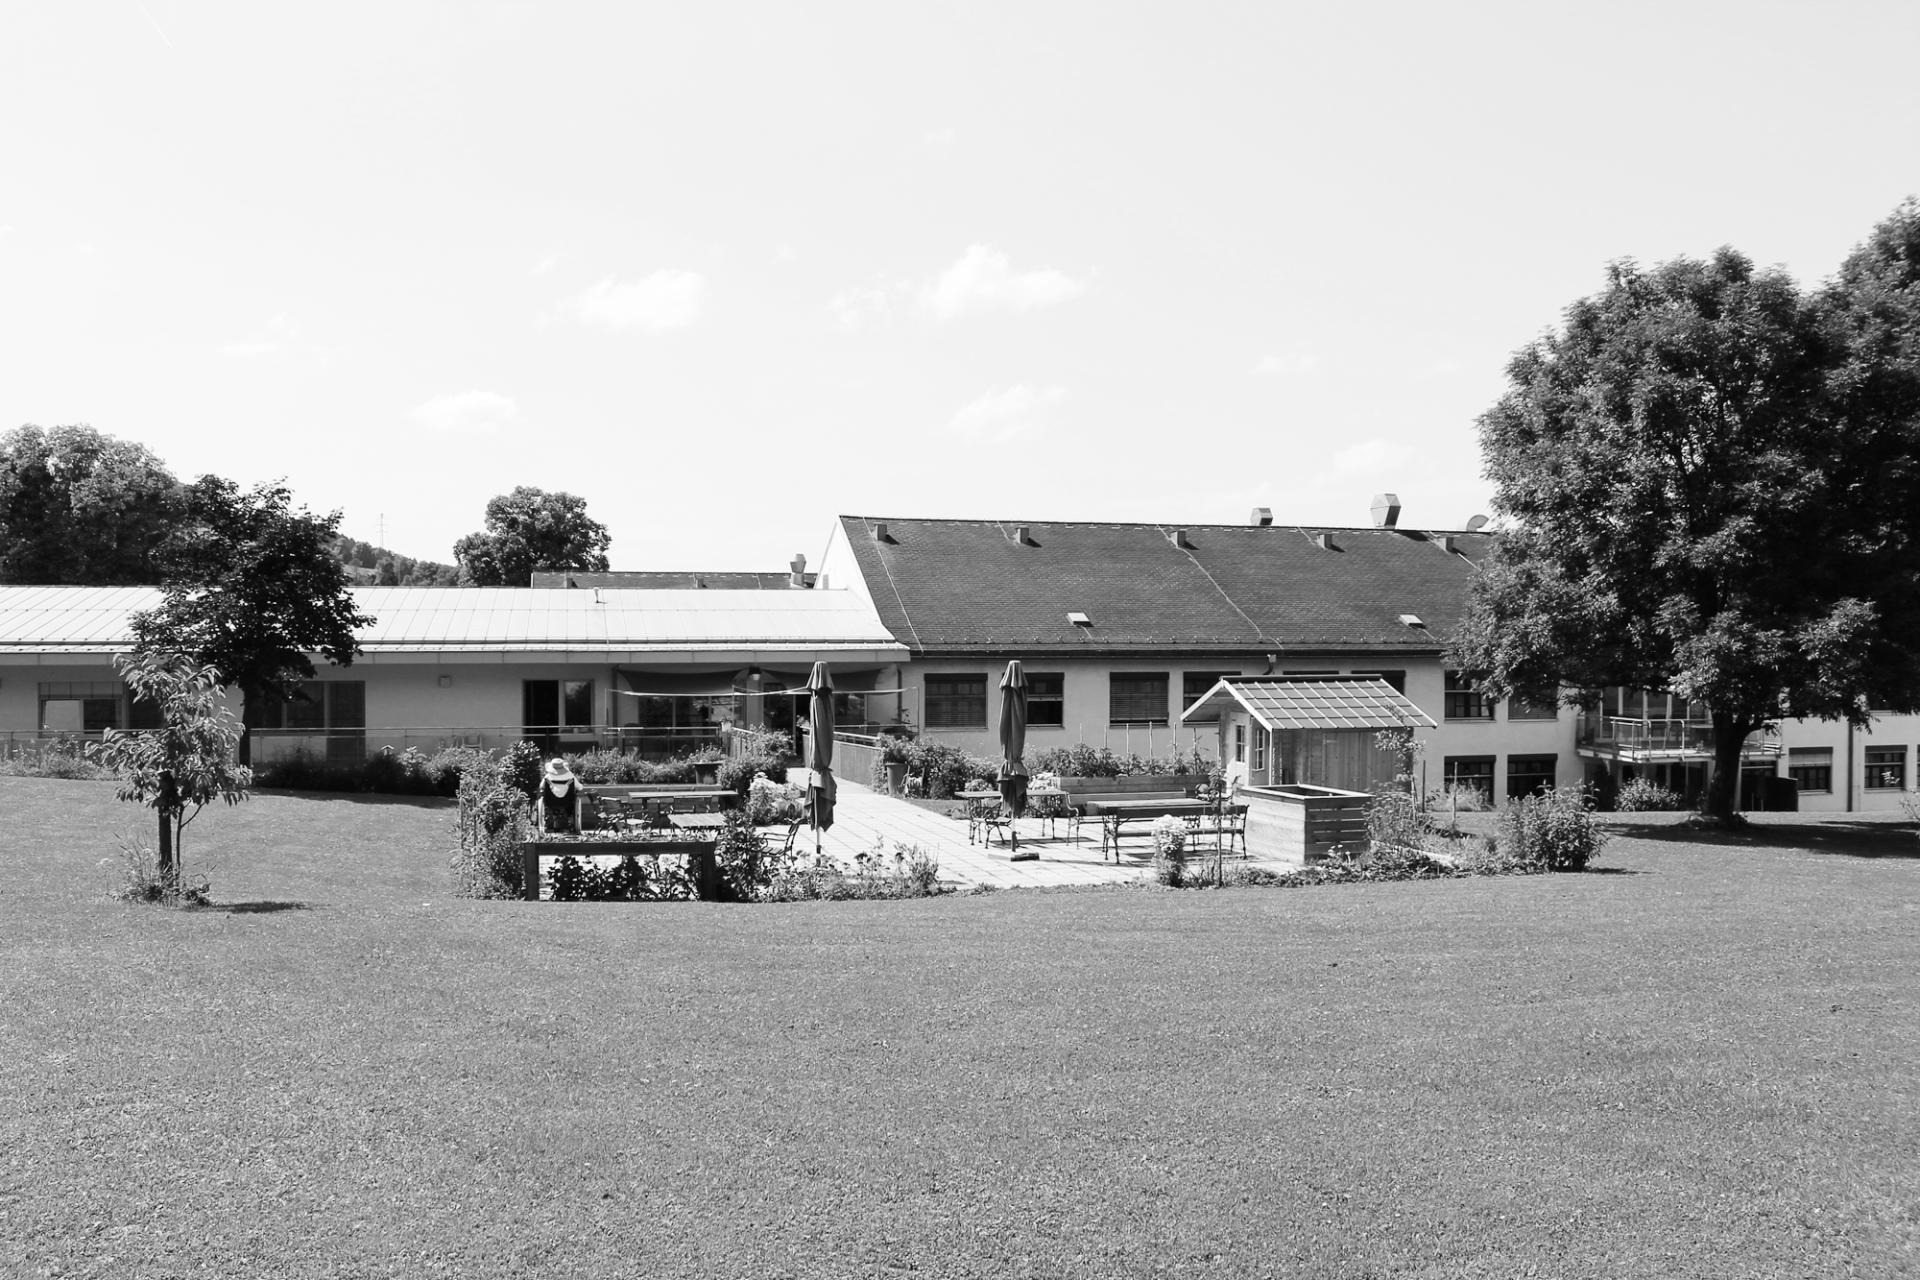 Schenker Salvi Weber Landespflegeheim Hainfeld